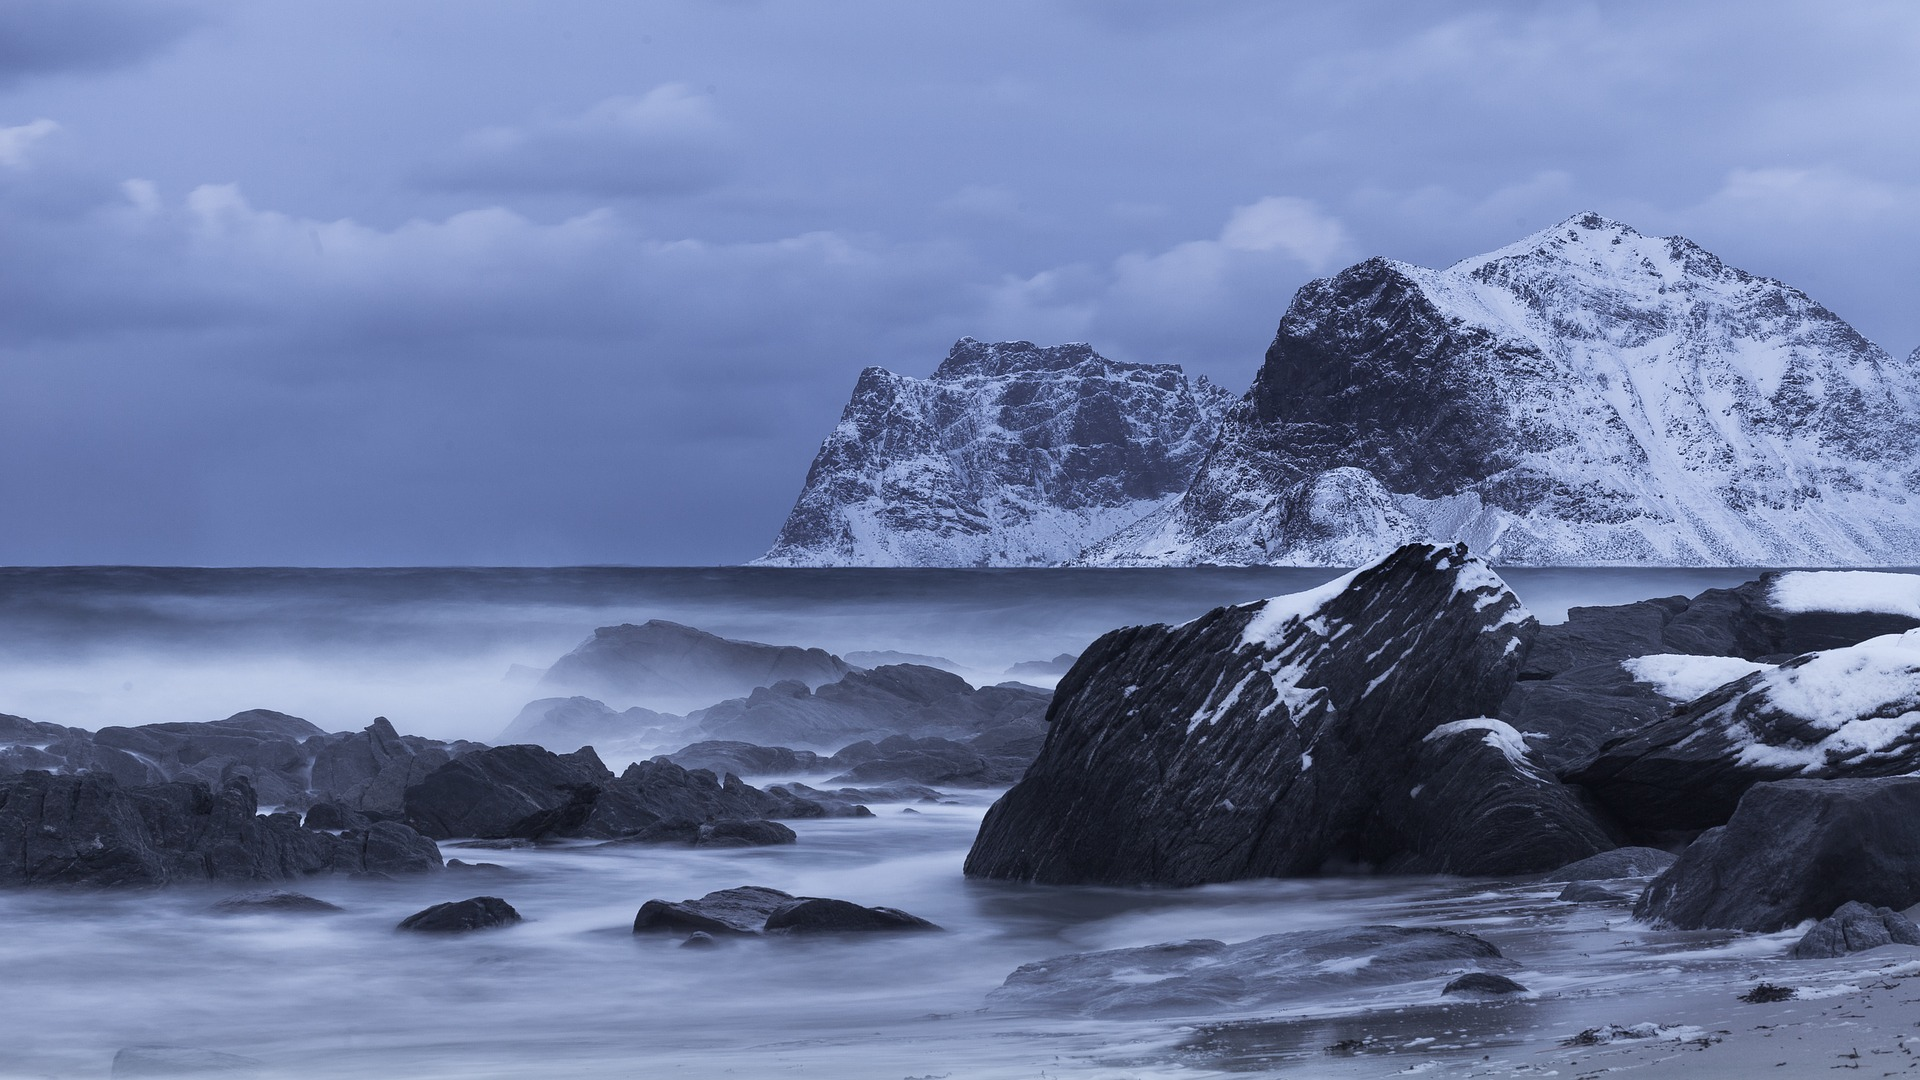 Сибиряков предупредили о вирусной угрозе из-за таяния ледников